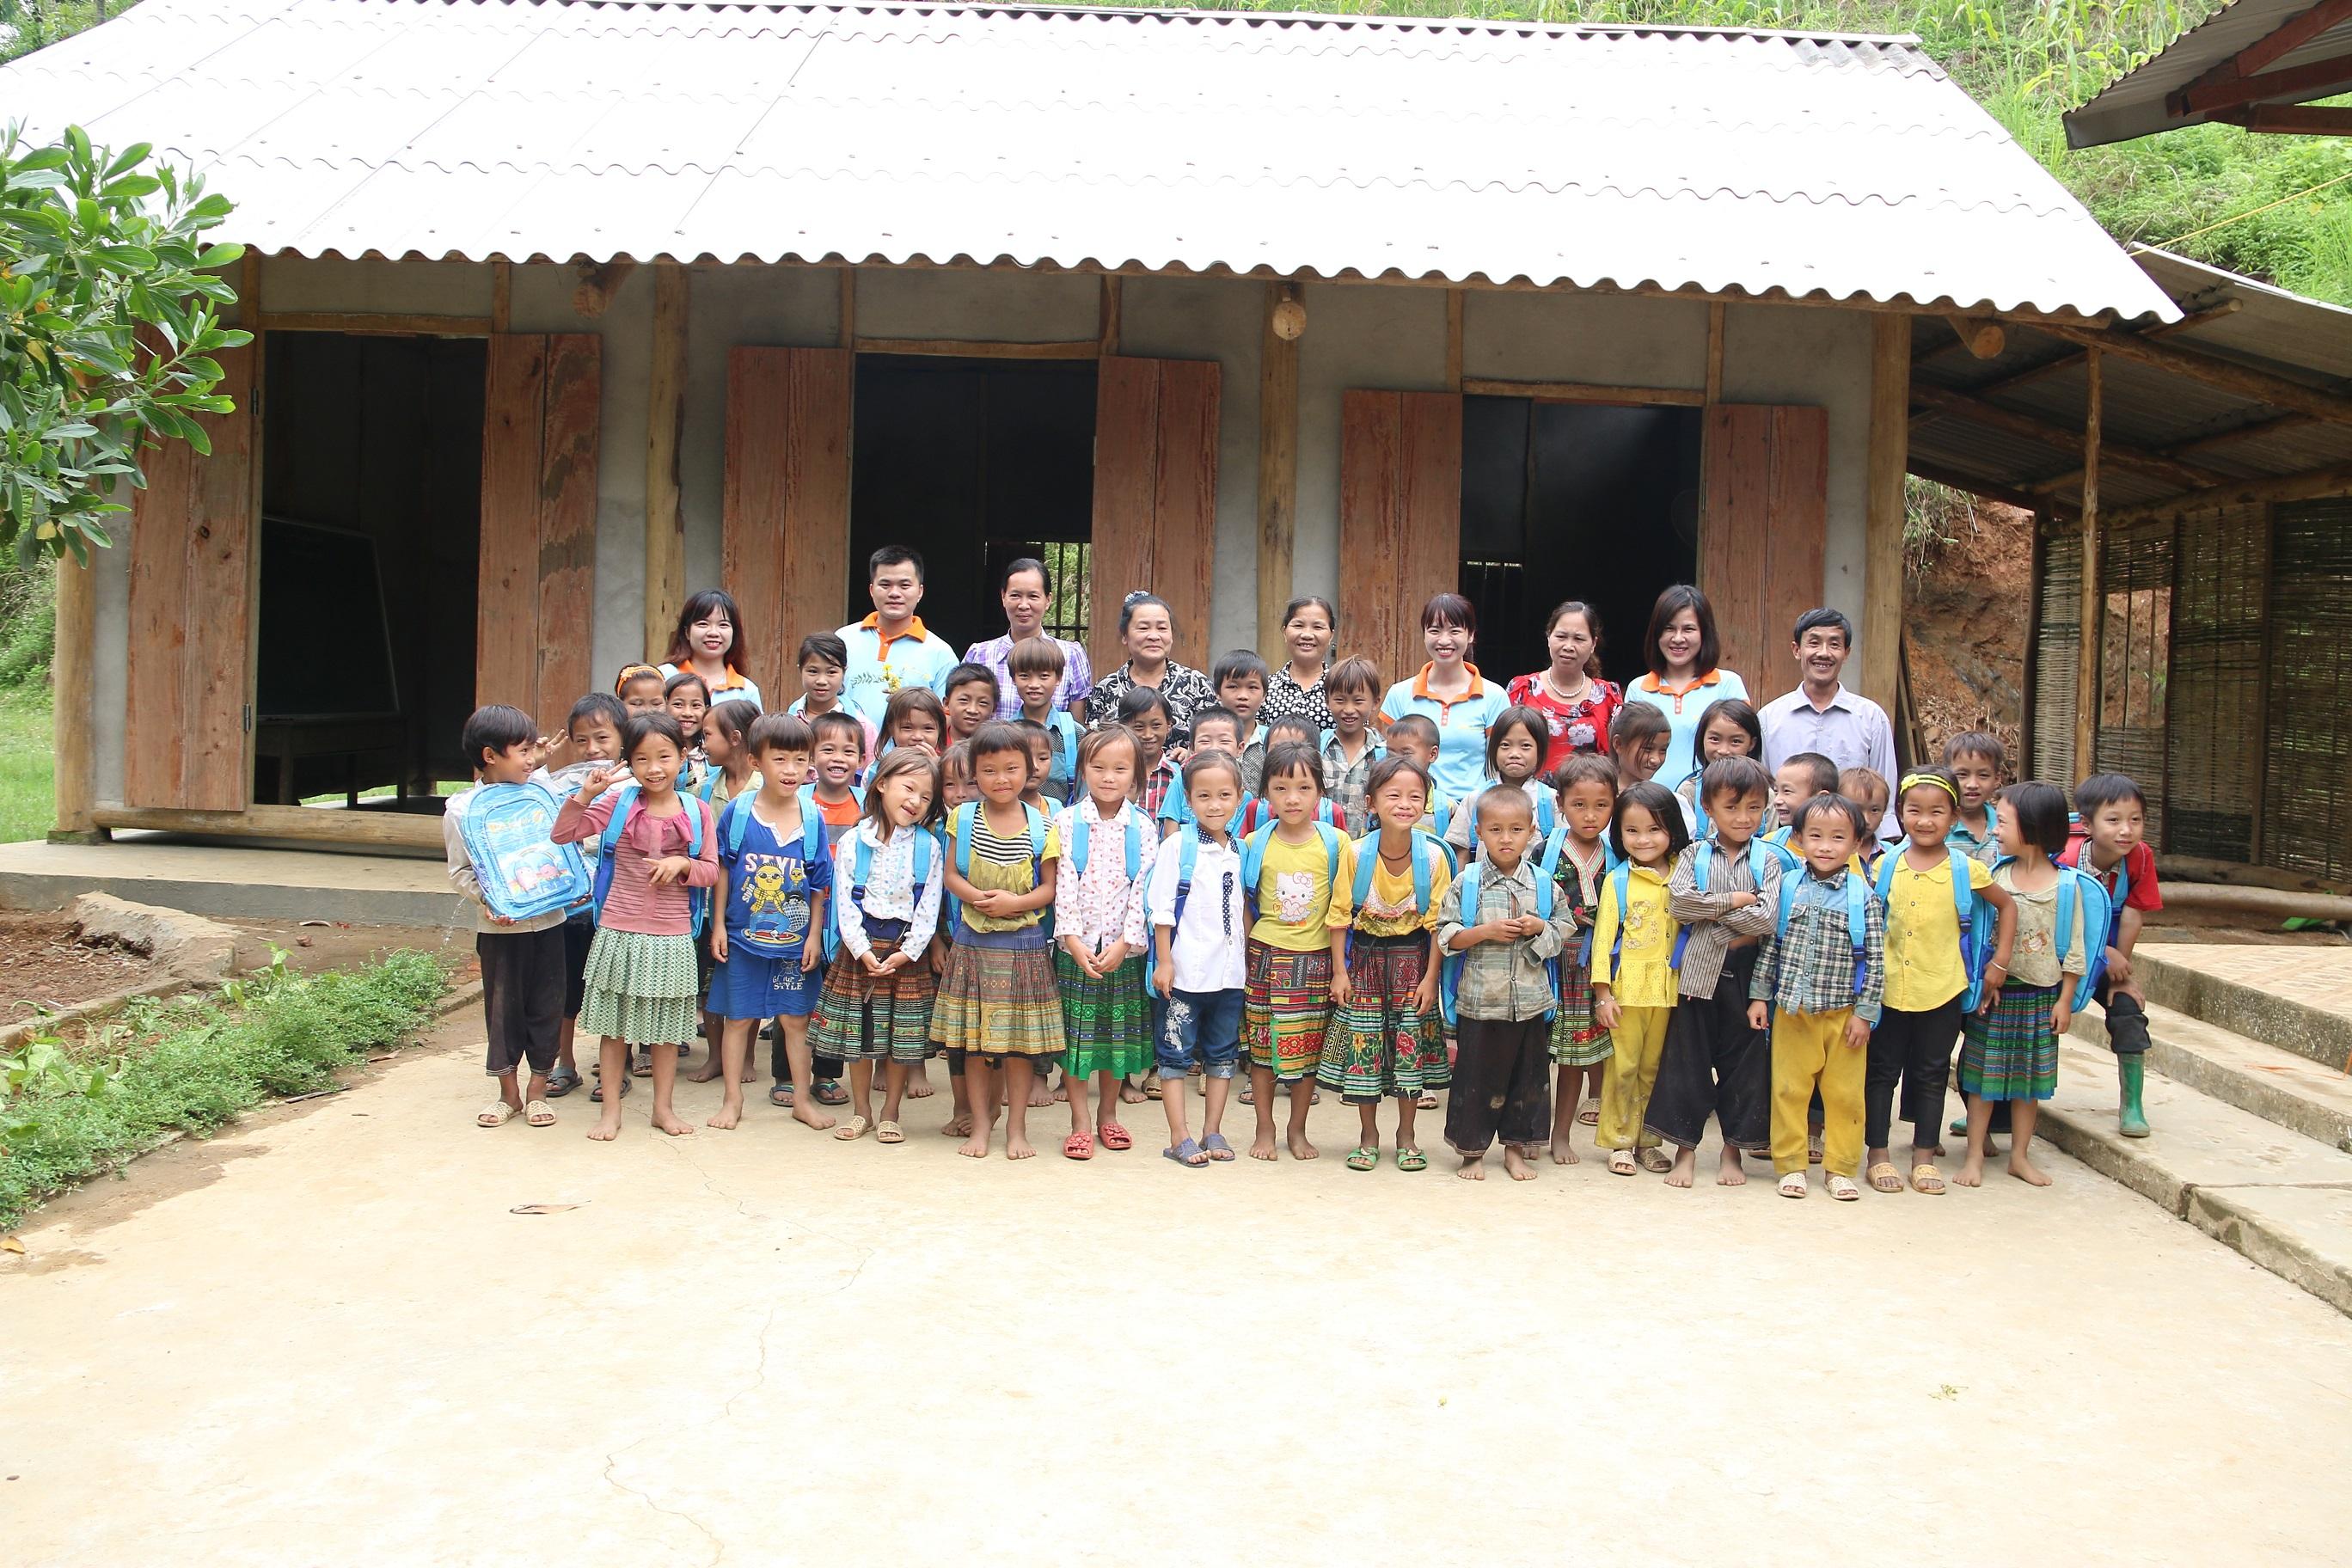 Thầy trò điểm trường thôn Diềm và lớp học mới xây dựng